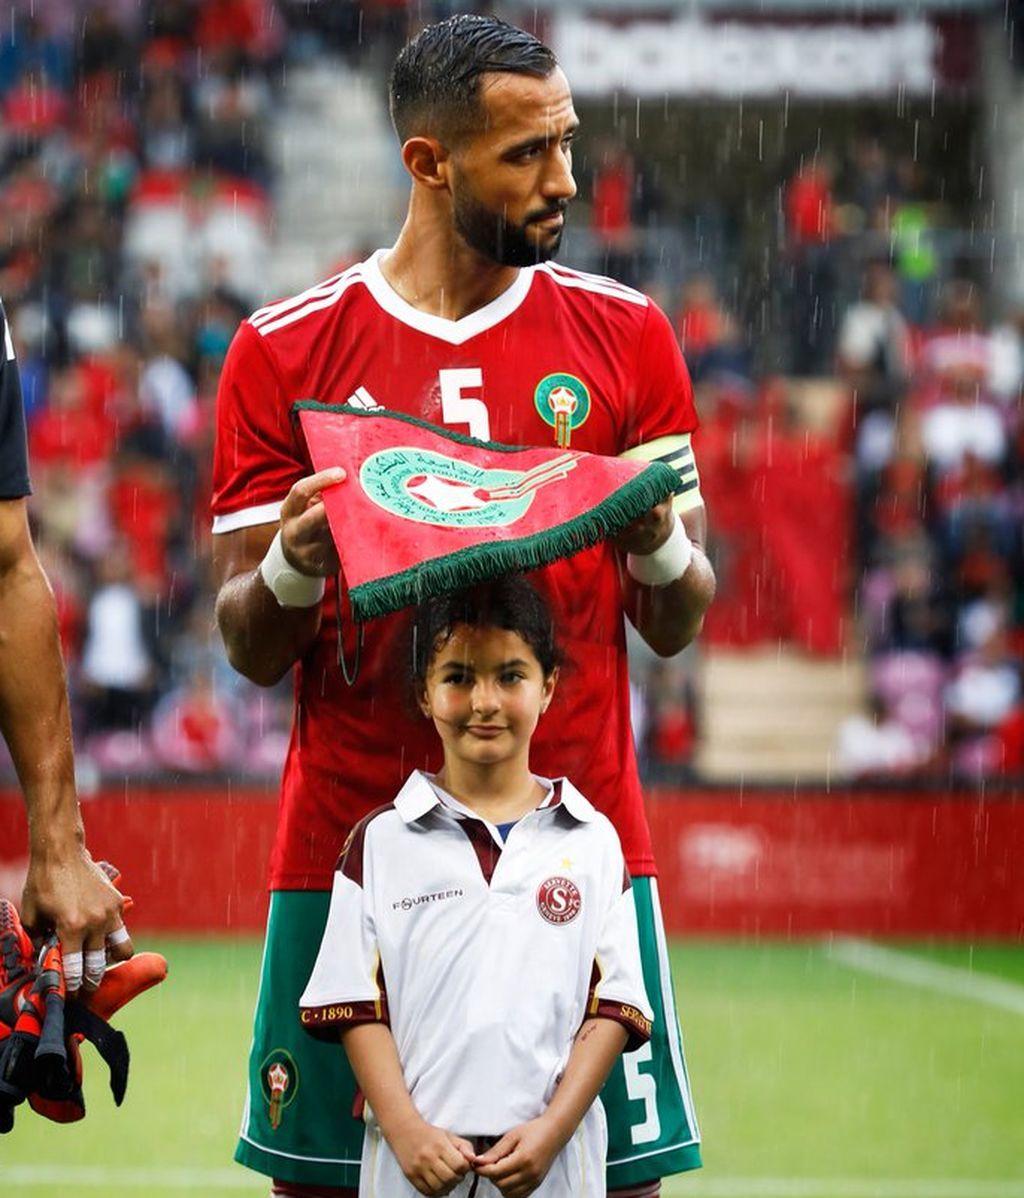 El gesto del capitán de Marruecos con una niña que enamora al mundo 😍